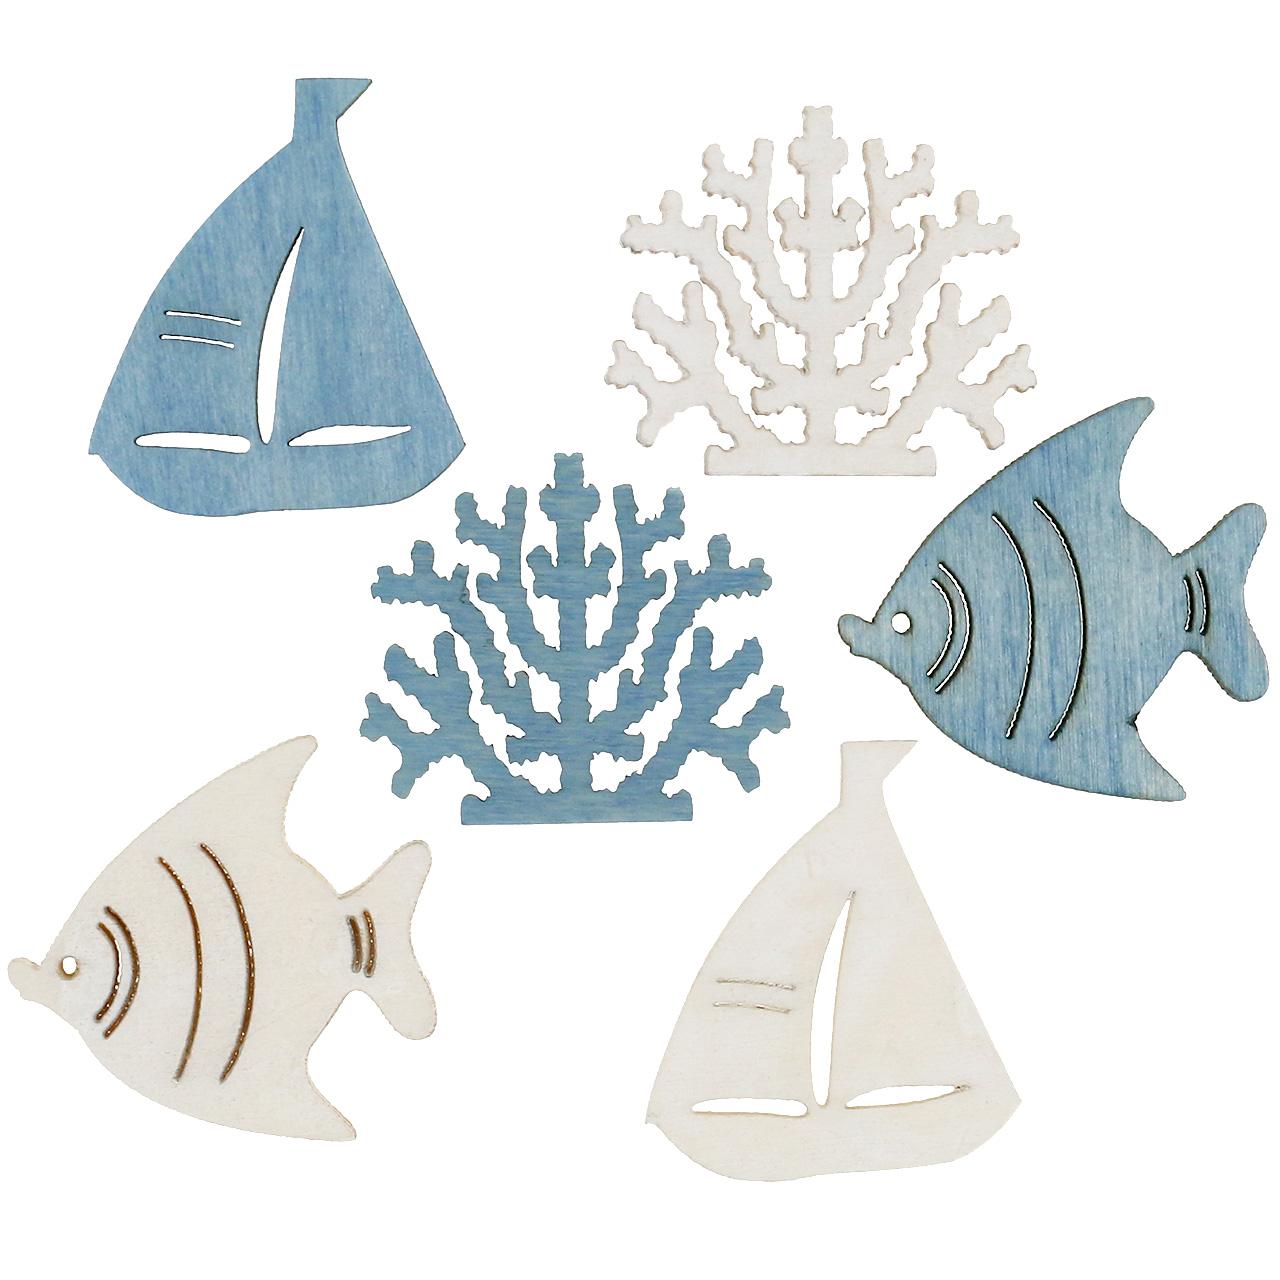 Tischdeko fisch koralle boot hellblau wei 72st for Tischdeko fisch